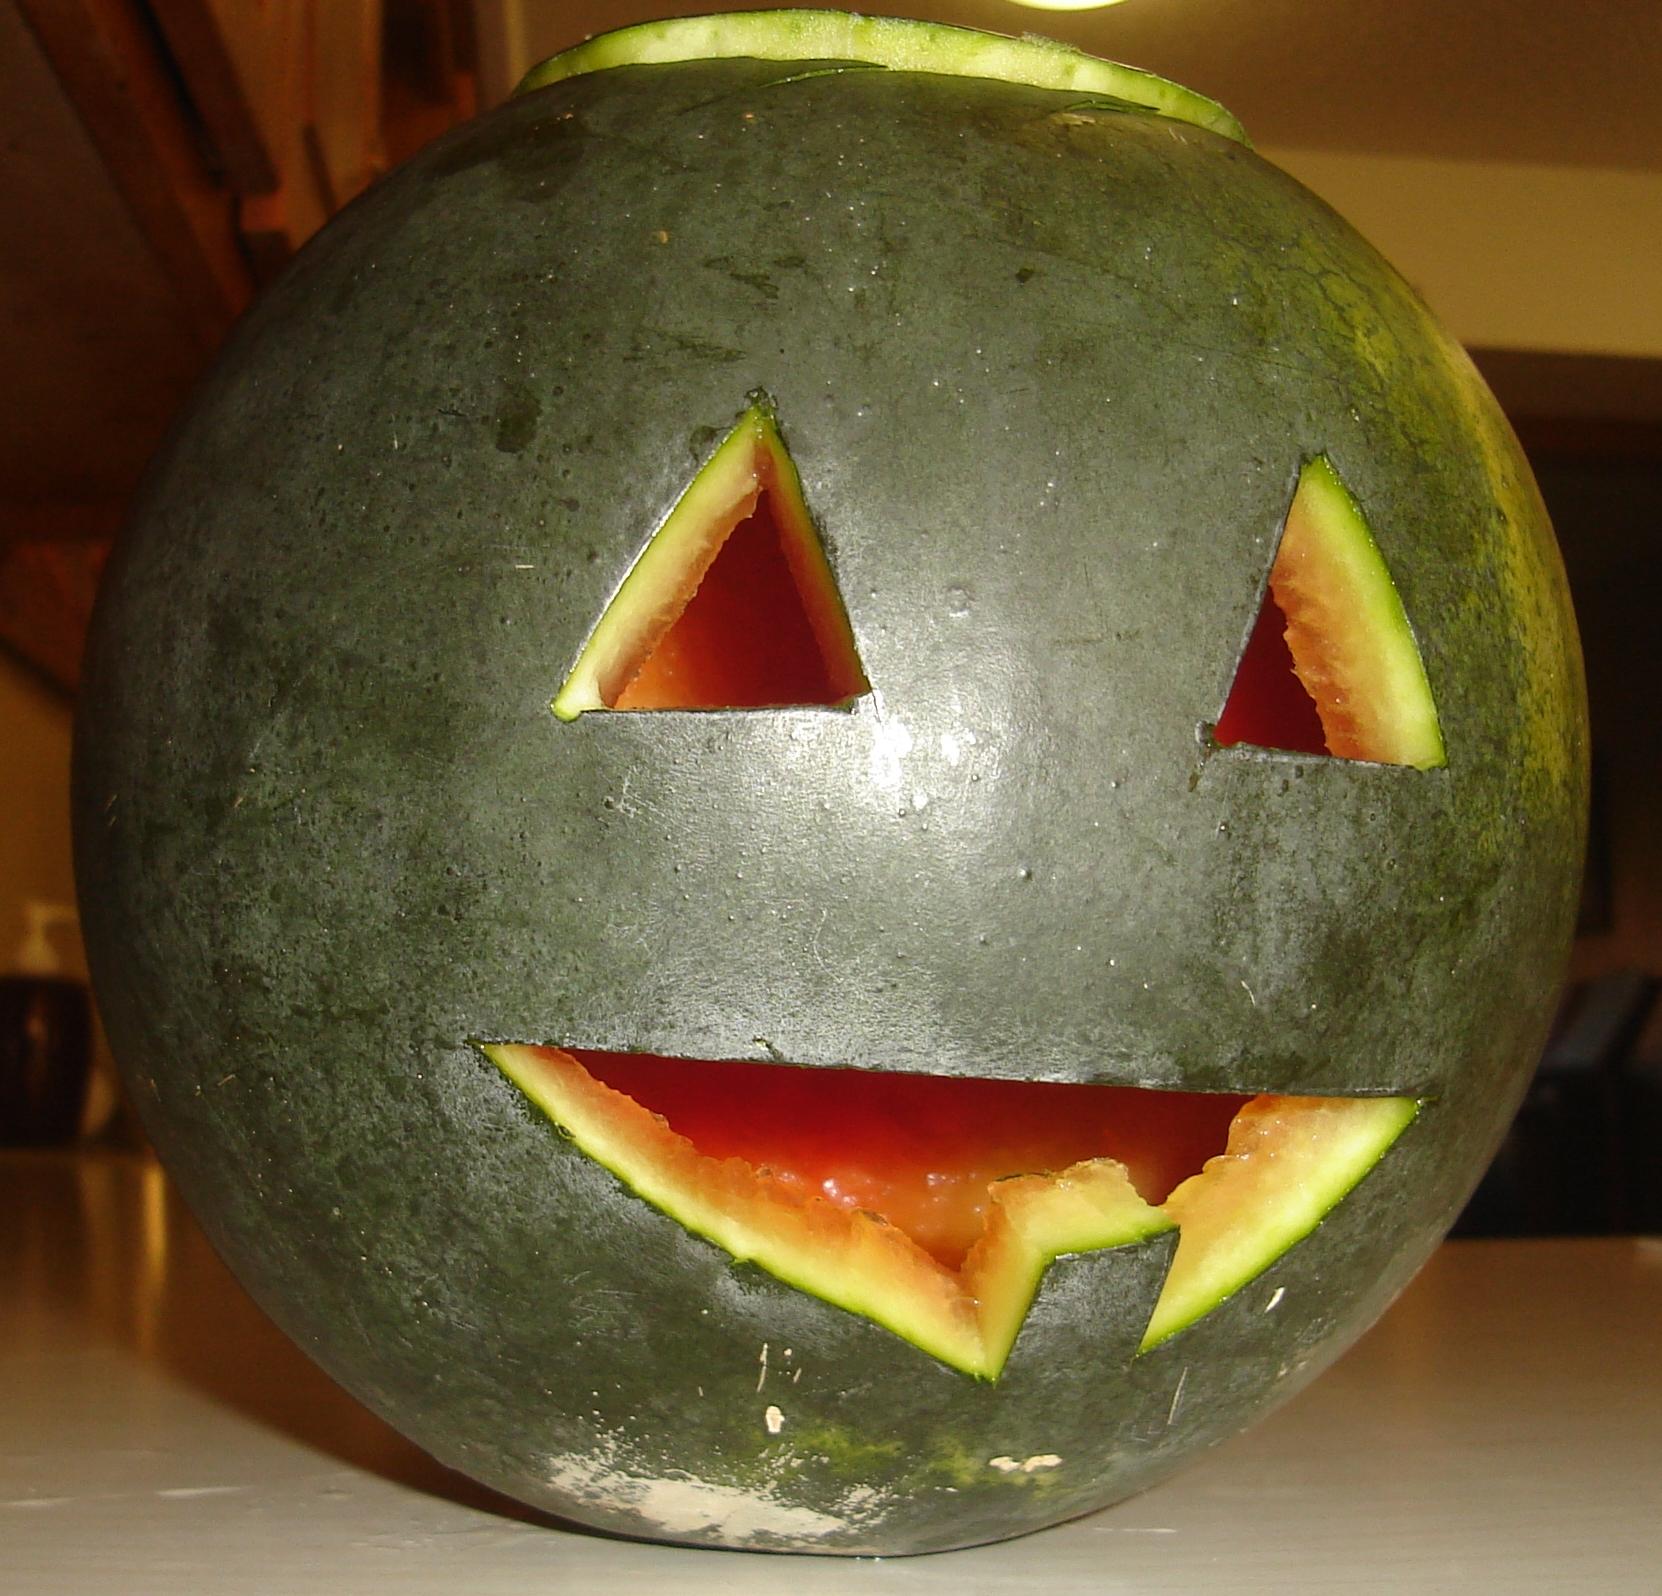 Nogglestead watermelon o'lantern 2013